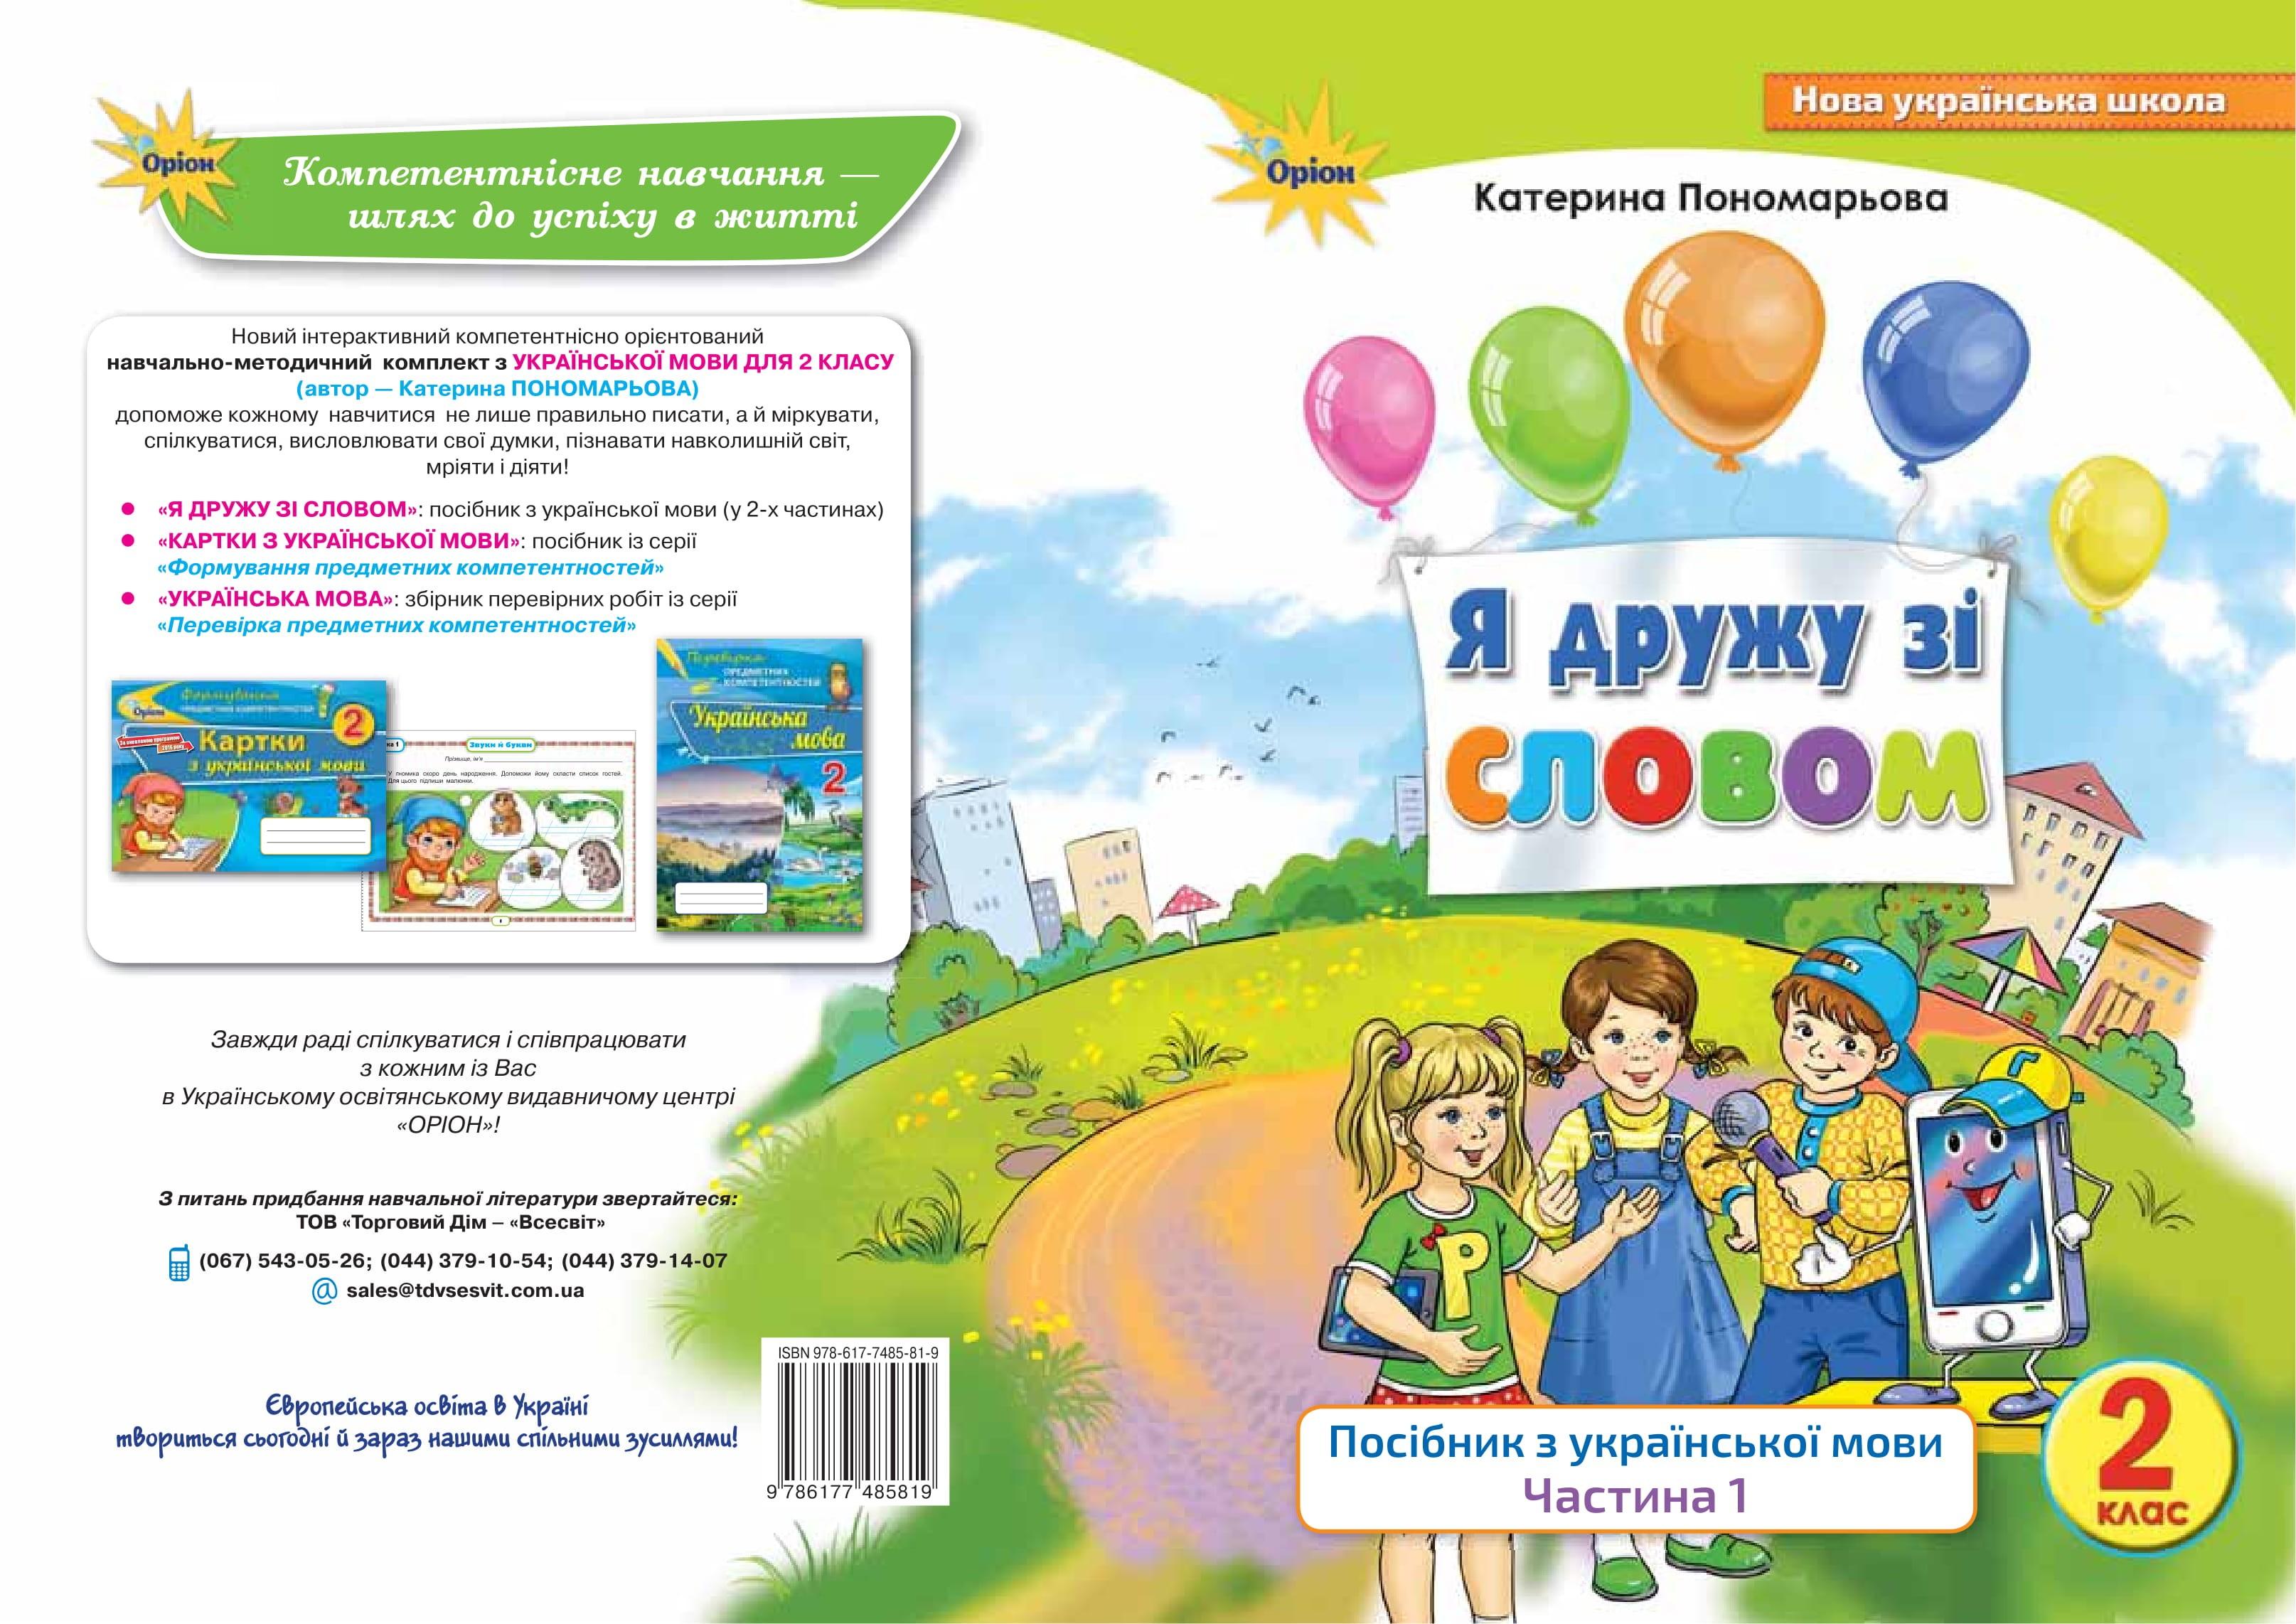 Пономарьова Я дружу зі словом 2 клас Посібник з української мови Ч2